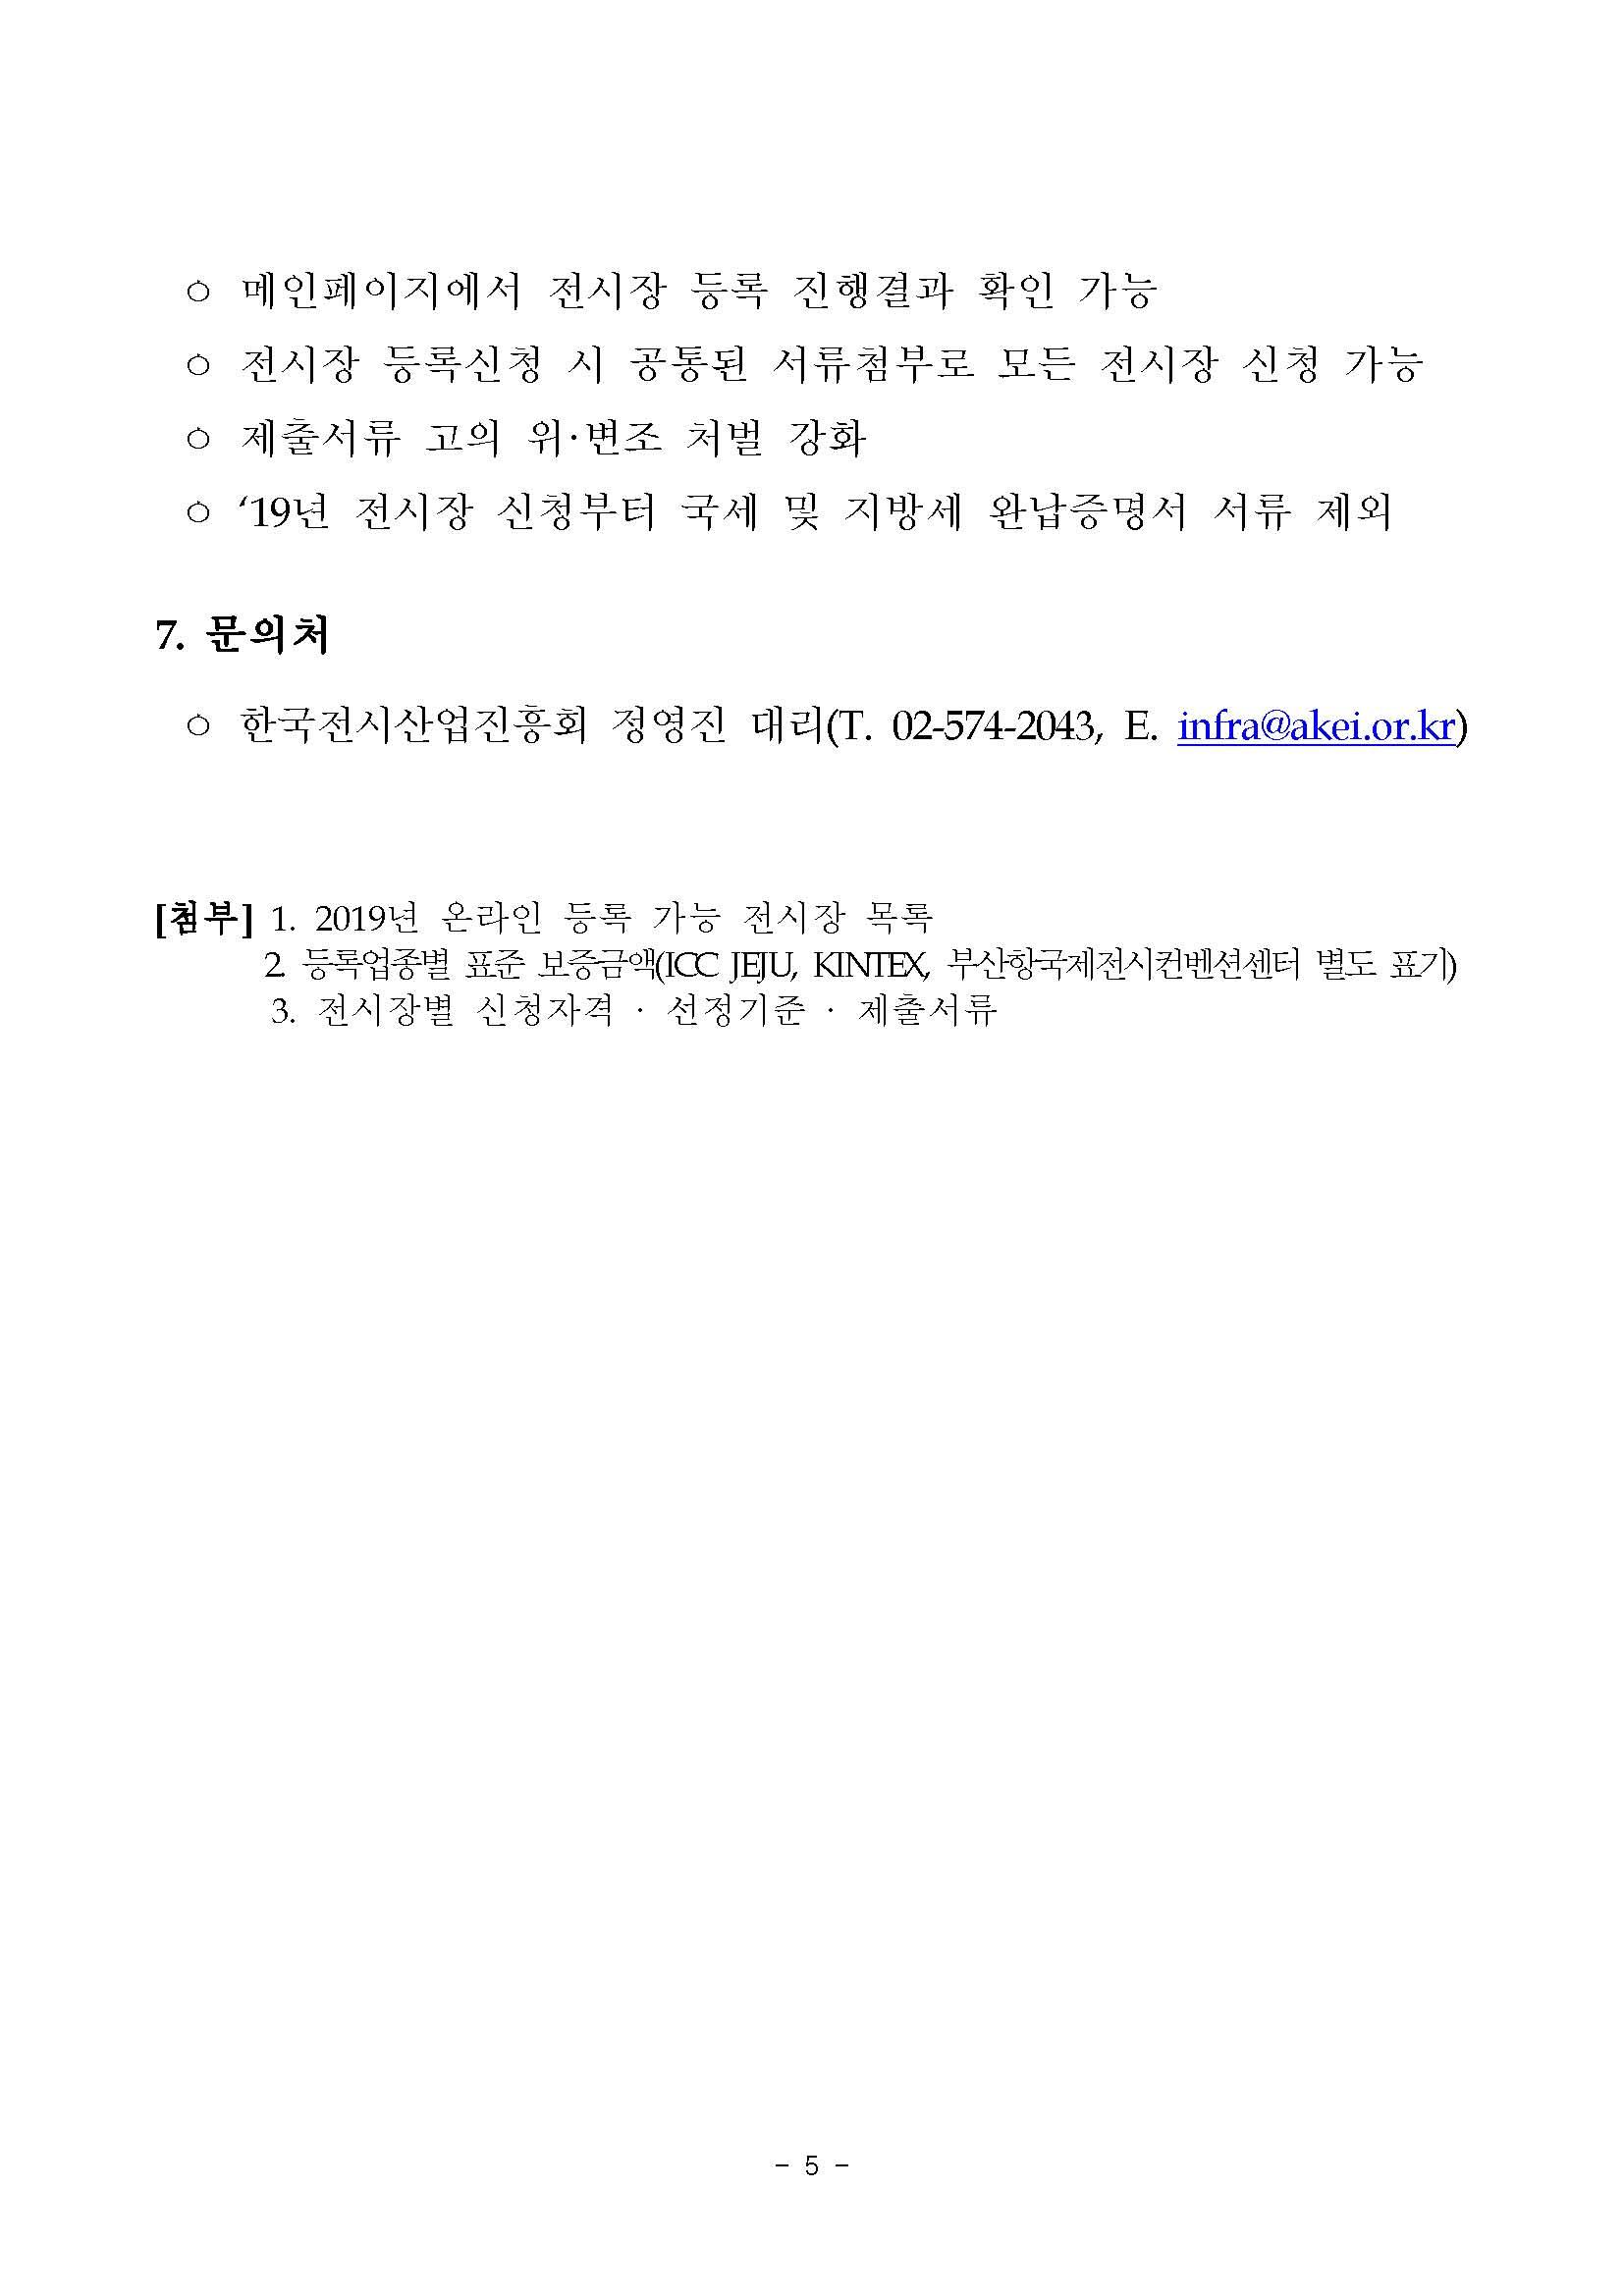 2019년 전국 전시장 온라인 등록신청 및 계약체결 공고문_페이지_05.jpg